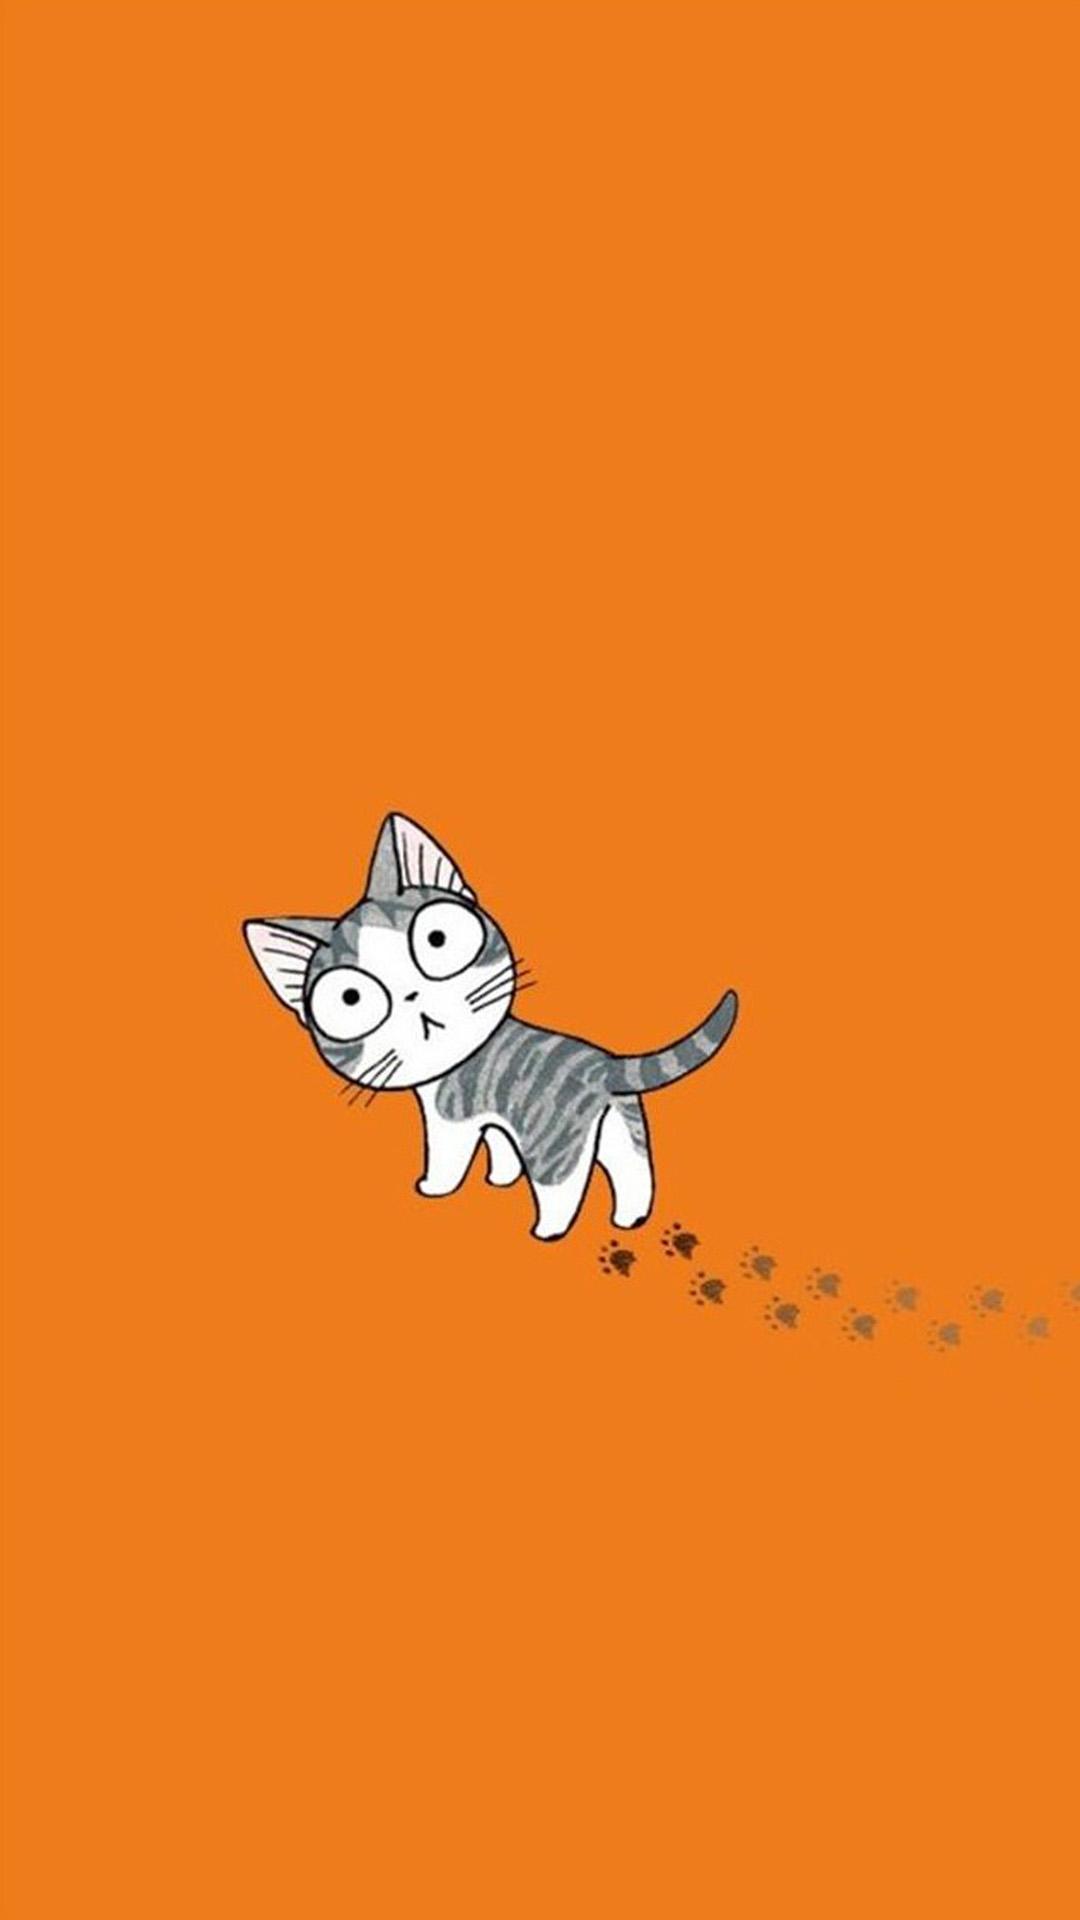 Cartoon Cat Wallpaper Posted By Samantha Peltier